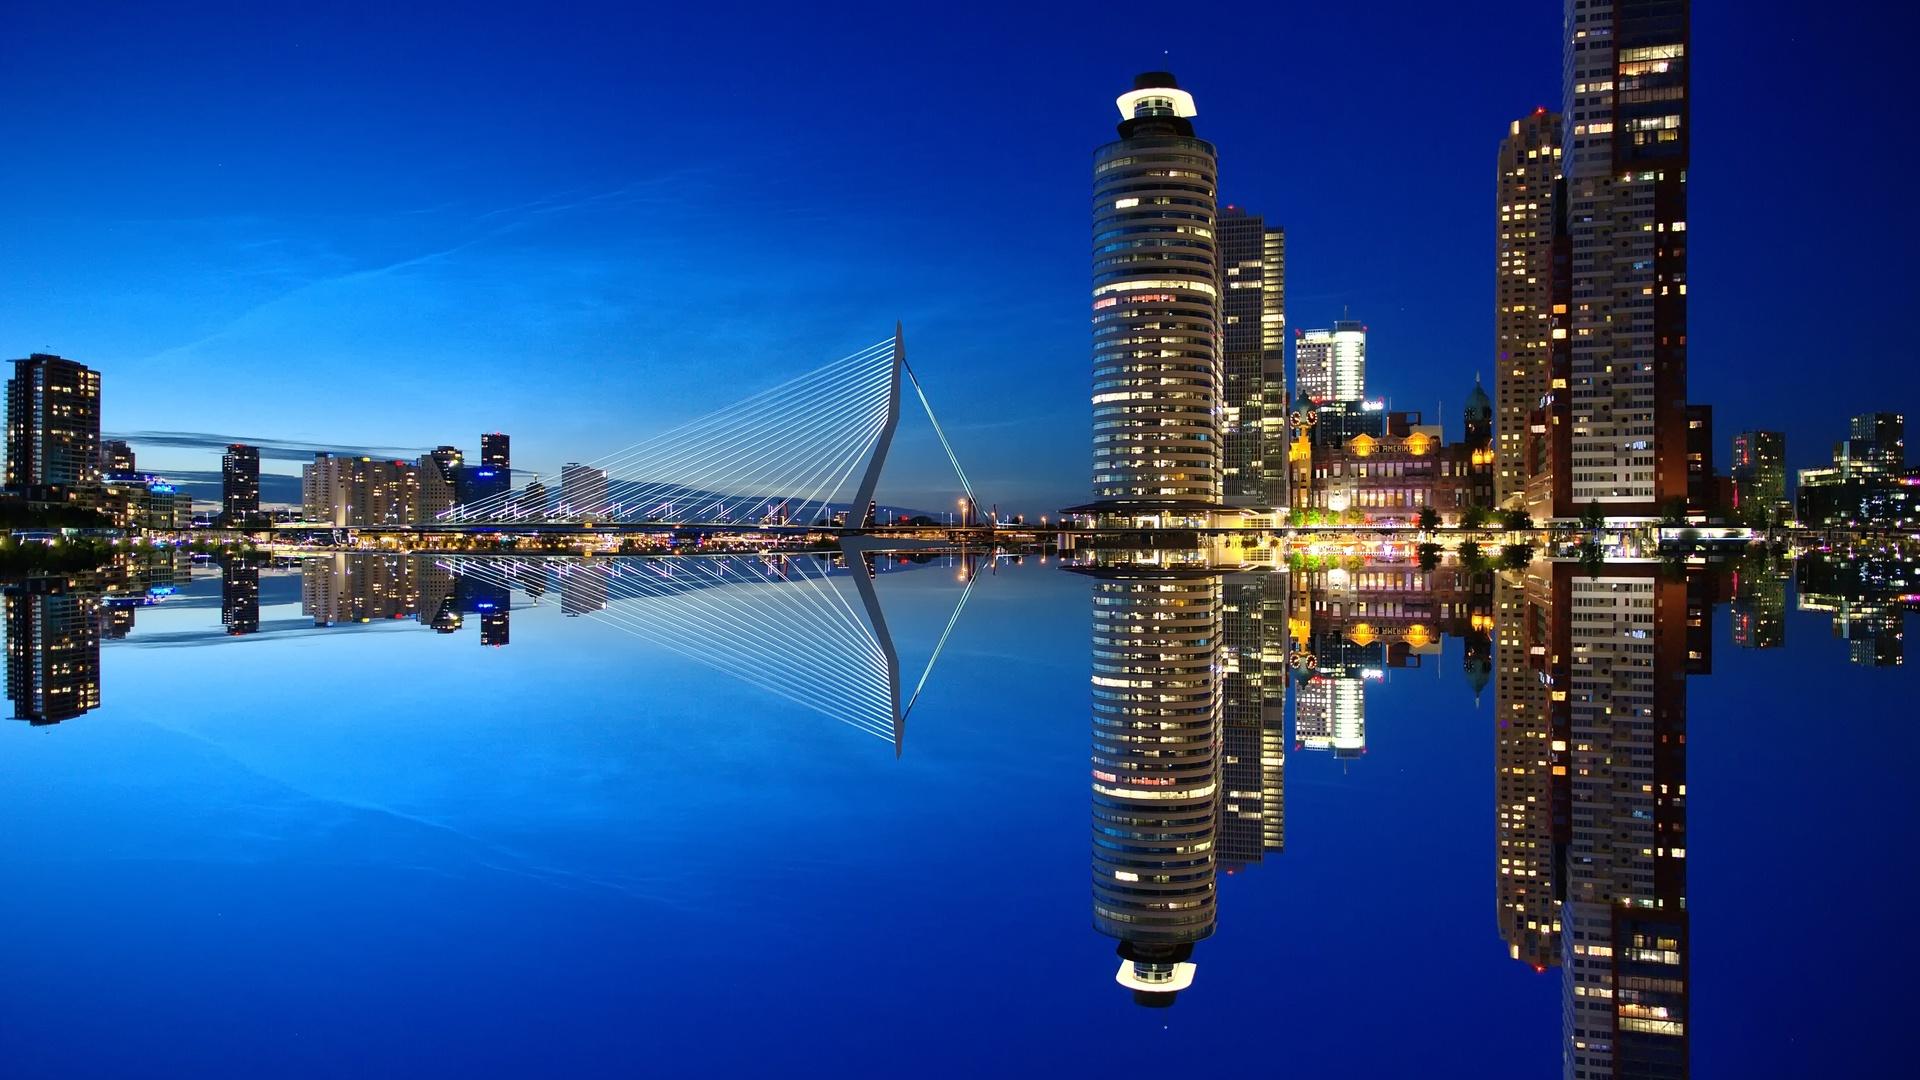 небо, голландия, ночь, роттердам, вода, город, небоскребы, архитектура, порт, нидерланды, the sky, holland, night, rotterdam, water, the city, skyscrapers, architecture, port, netherlands